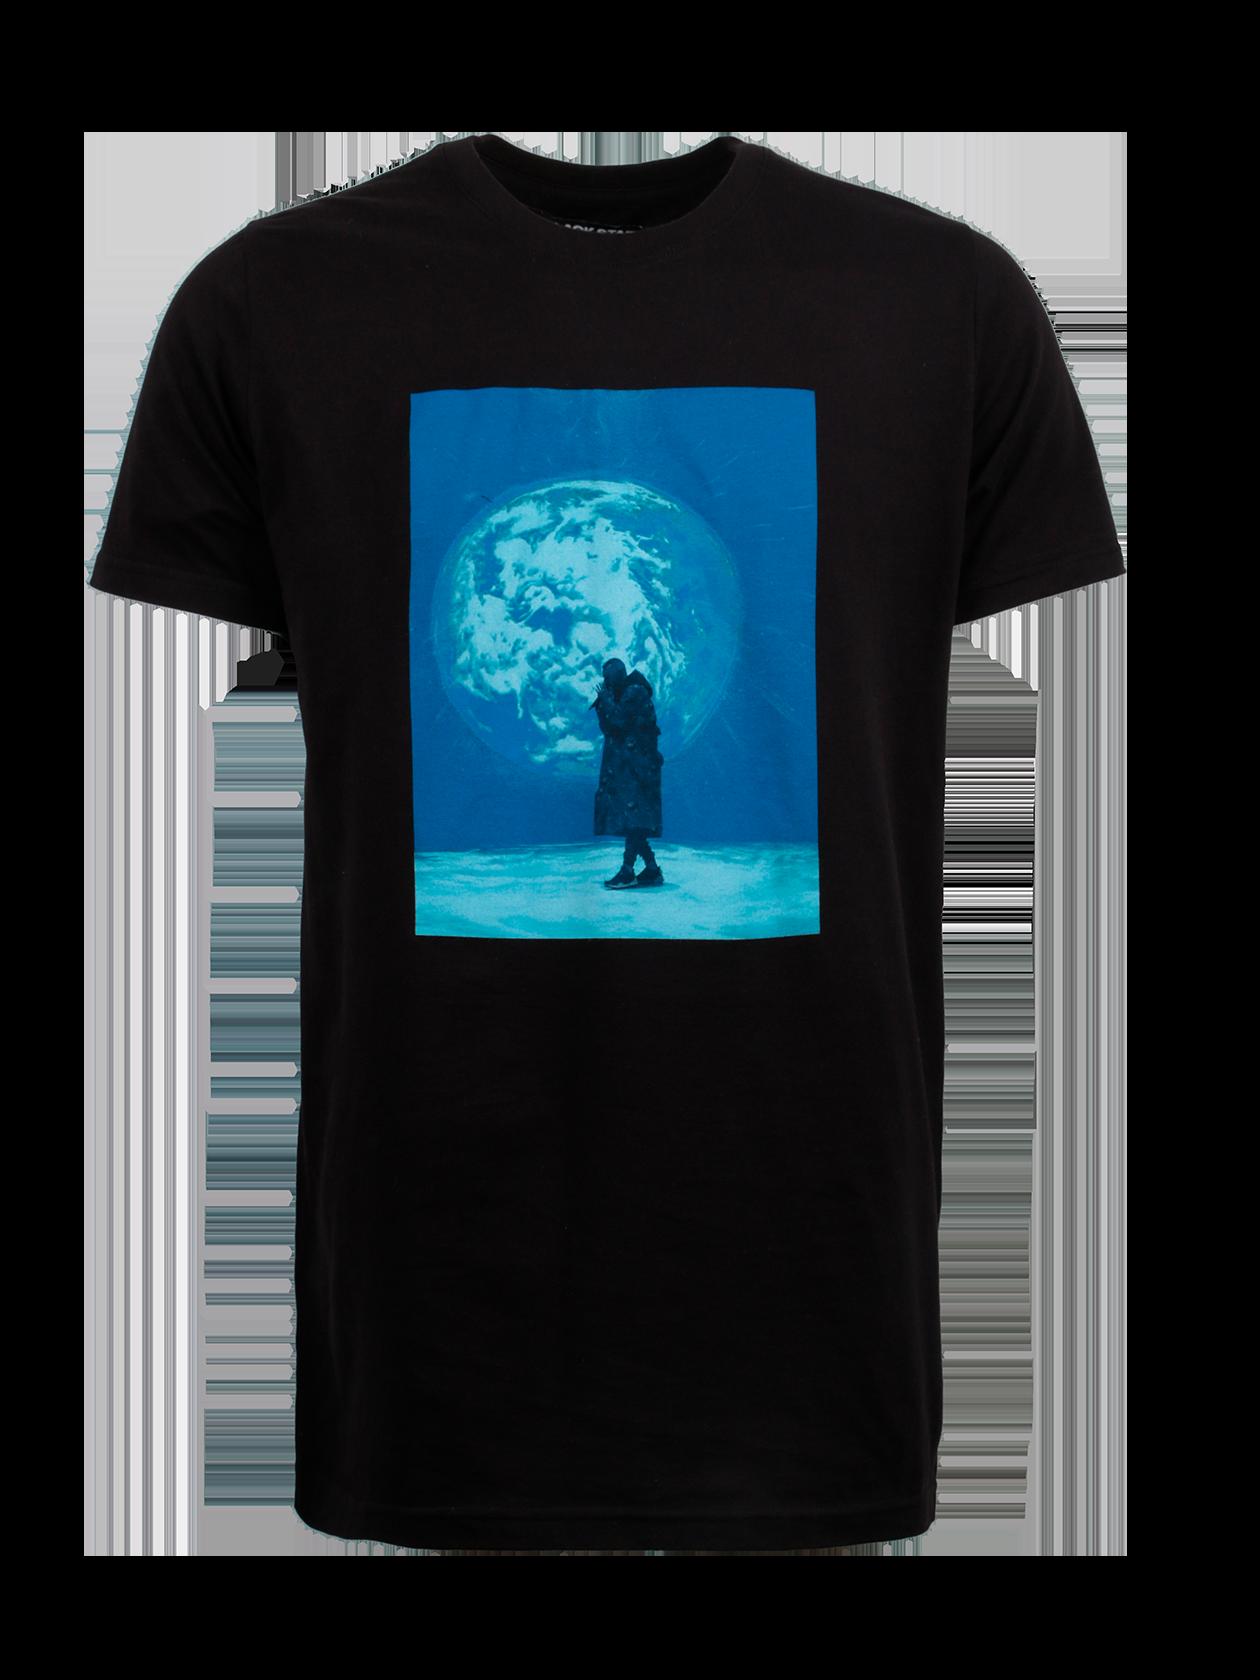 Футболка унисекс PLANETОригинальная футболка унисекс Planet – стильная новинка из мерча L`one Гравитация. Модель представлена в черной расцветке, поэтому может использоваться в качестве базовой вещи в гардеробе. Крой прямой, удлиненный, полусвободный. Горловина узкой круглой формы с жаккардовой нашивкой-логотипом Black Star Wear внутри. Эффектной фишкой футболки является принт с изображением артиста L`one, поющего на фоне огромной планеты. Изделие сшито из высококачественного 100% хлопка.<br><br>Размер: S<br>Цвет: Черный<br>Пол: Мужской